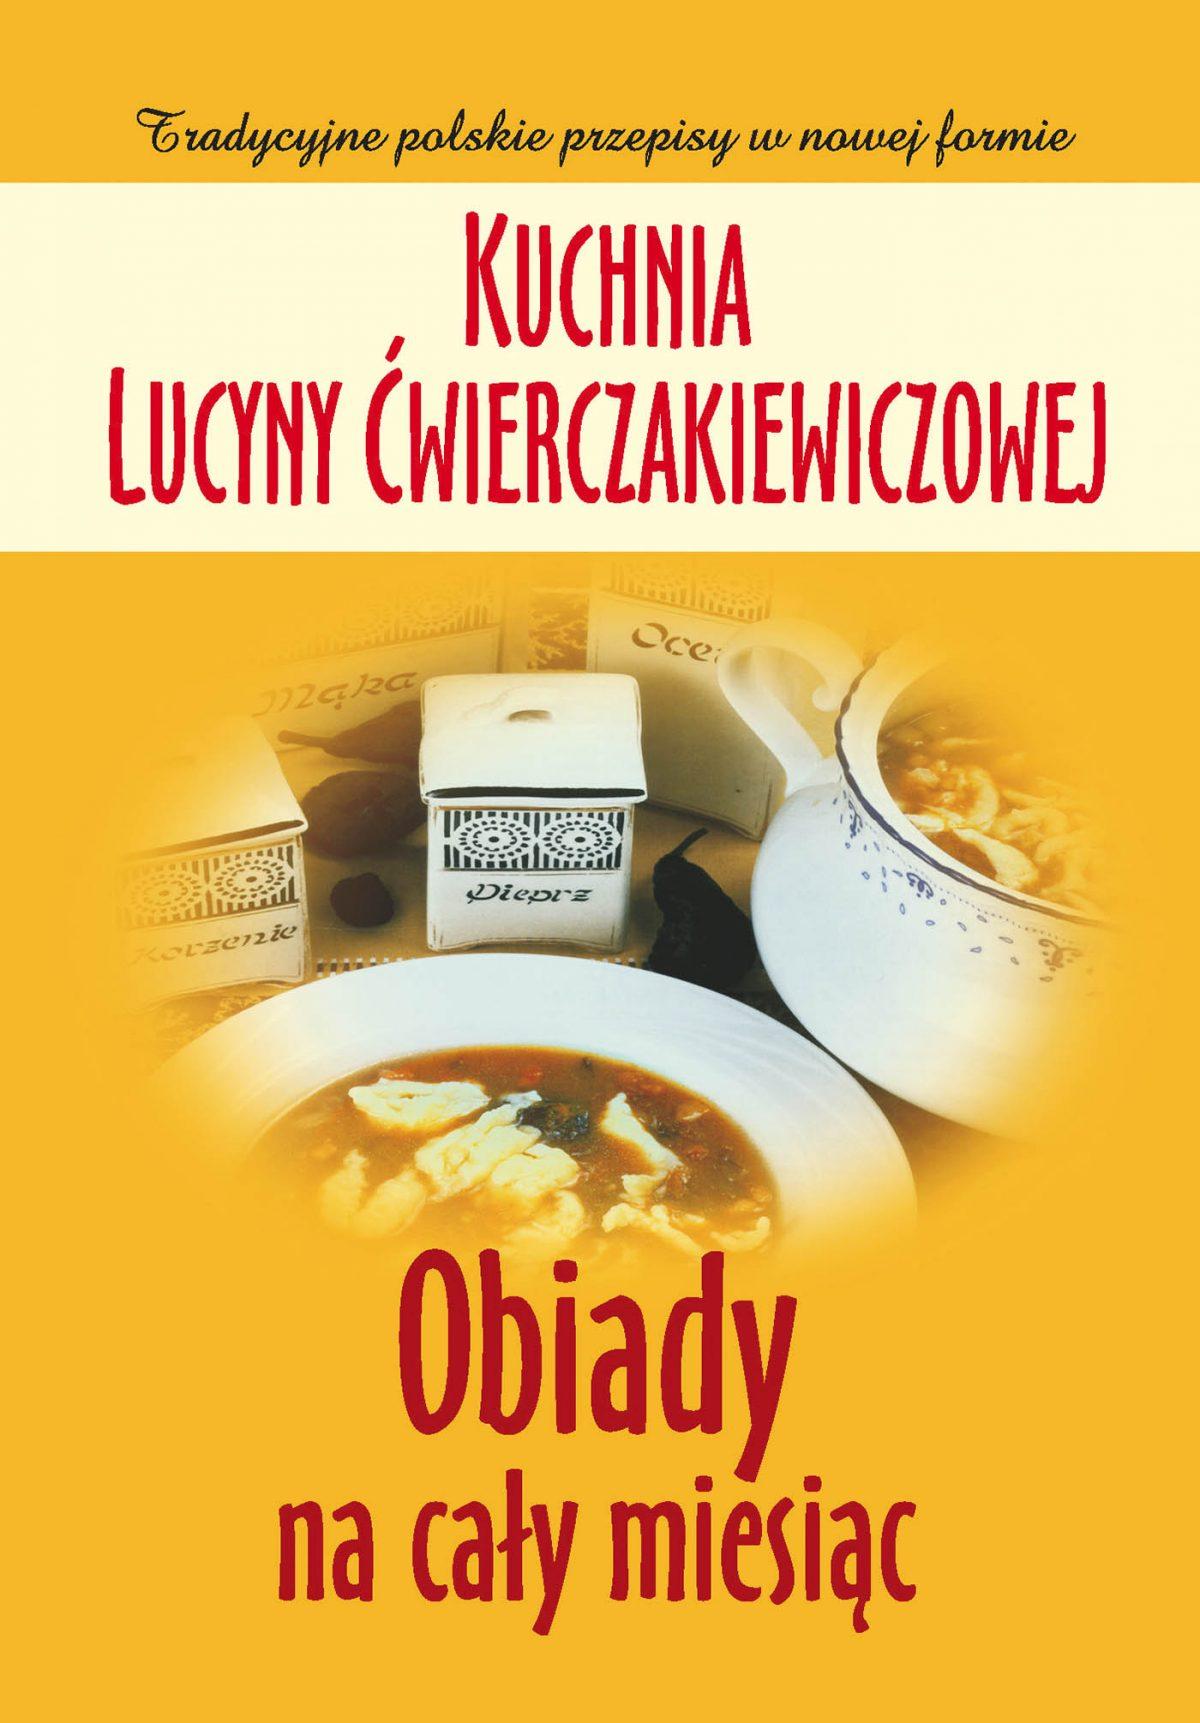 Kuchnia Lucyny Ćwierczakiewiczowej. Obiady na cały miesiąc - Ebook (Książka na Kindle) do pobrania w formacie MOBI